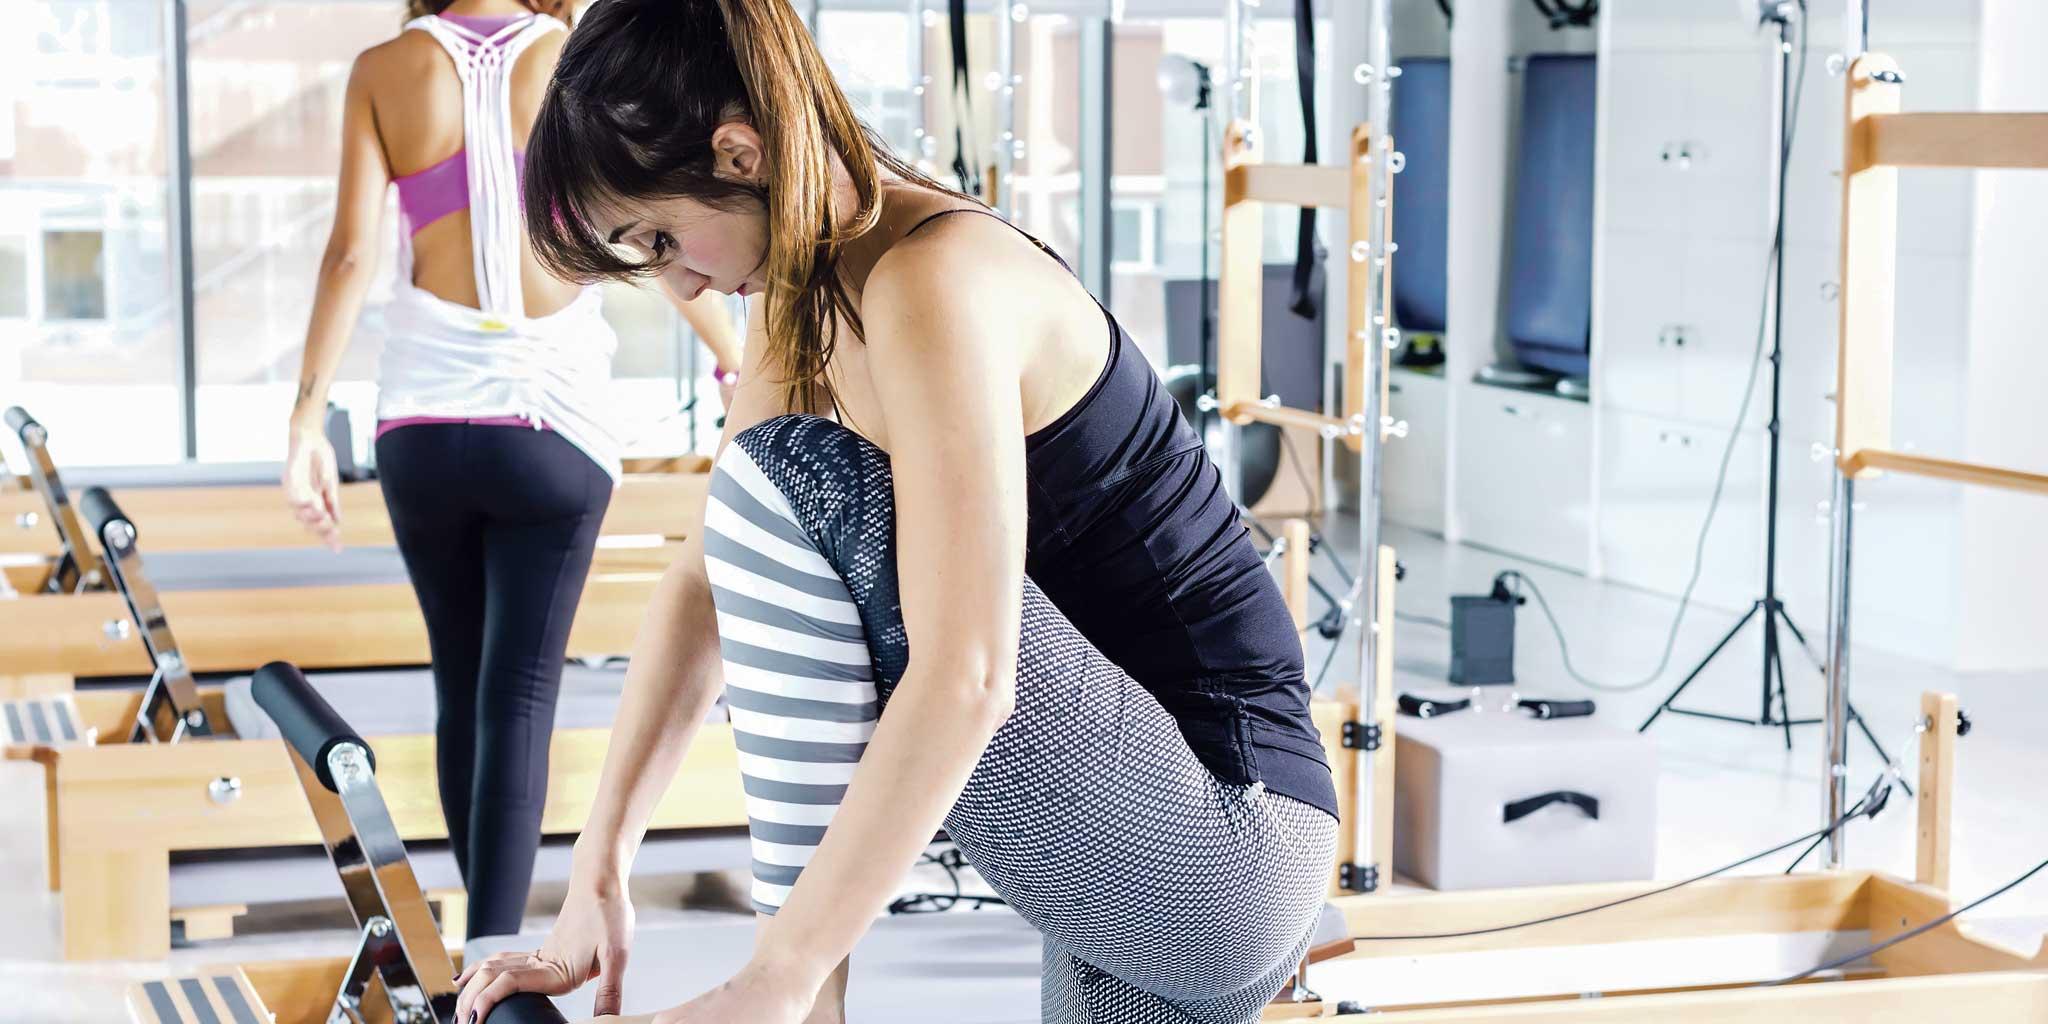 Vrouwen in de fitness